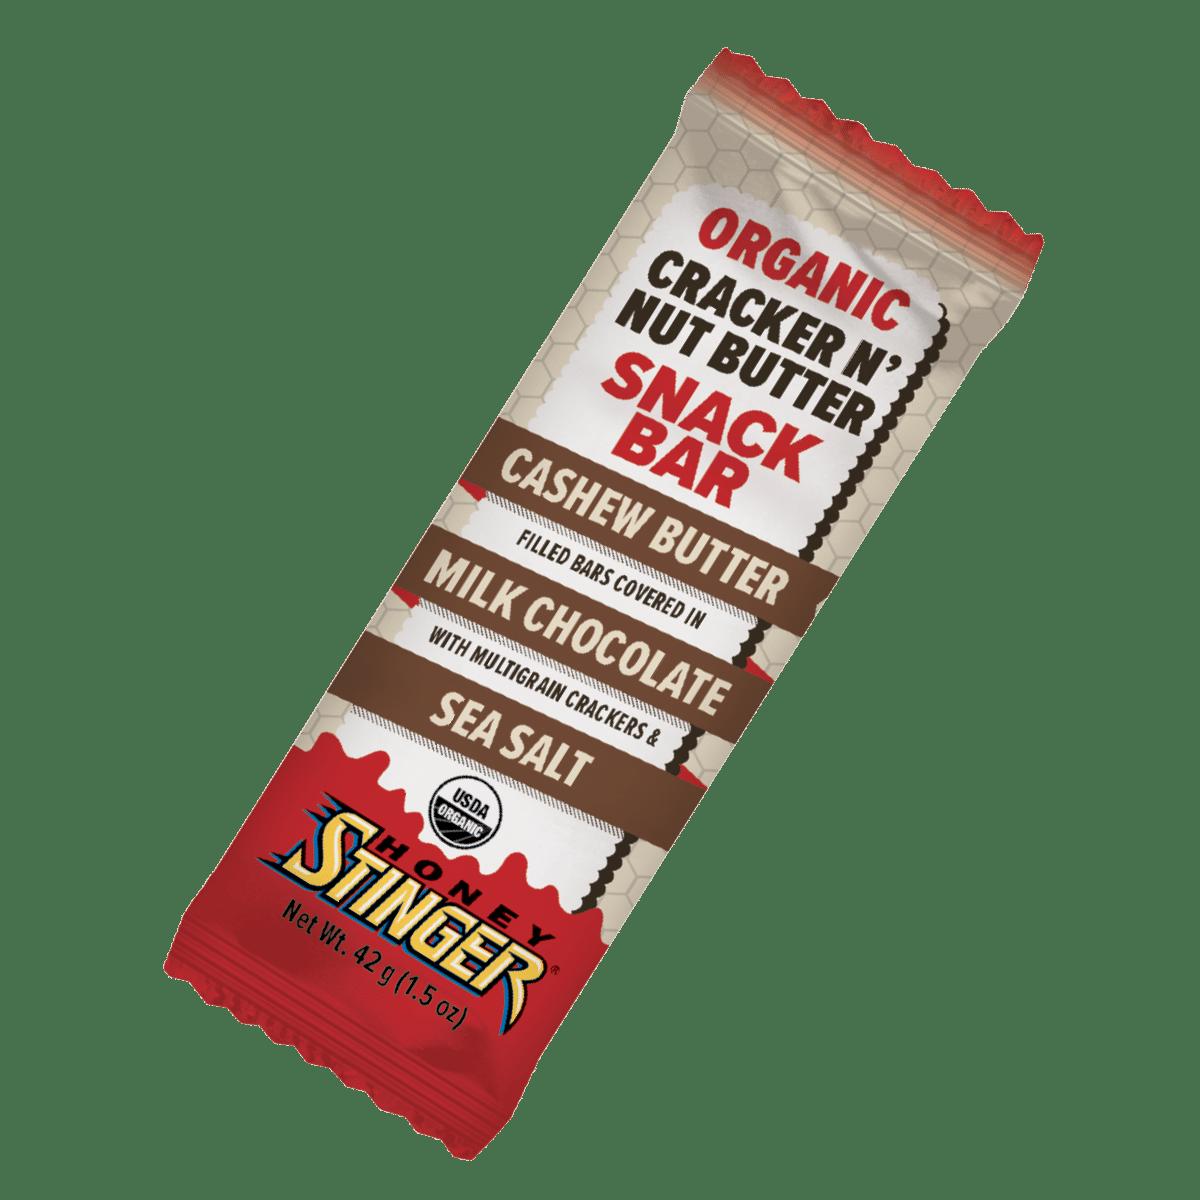 Honey Stinger Releases Cashew Butter & Milk Chocolate Cracker N' Nut Butter Snack Bar